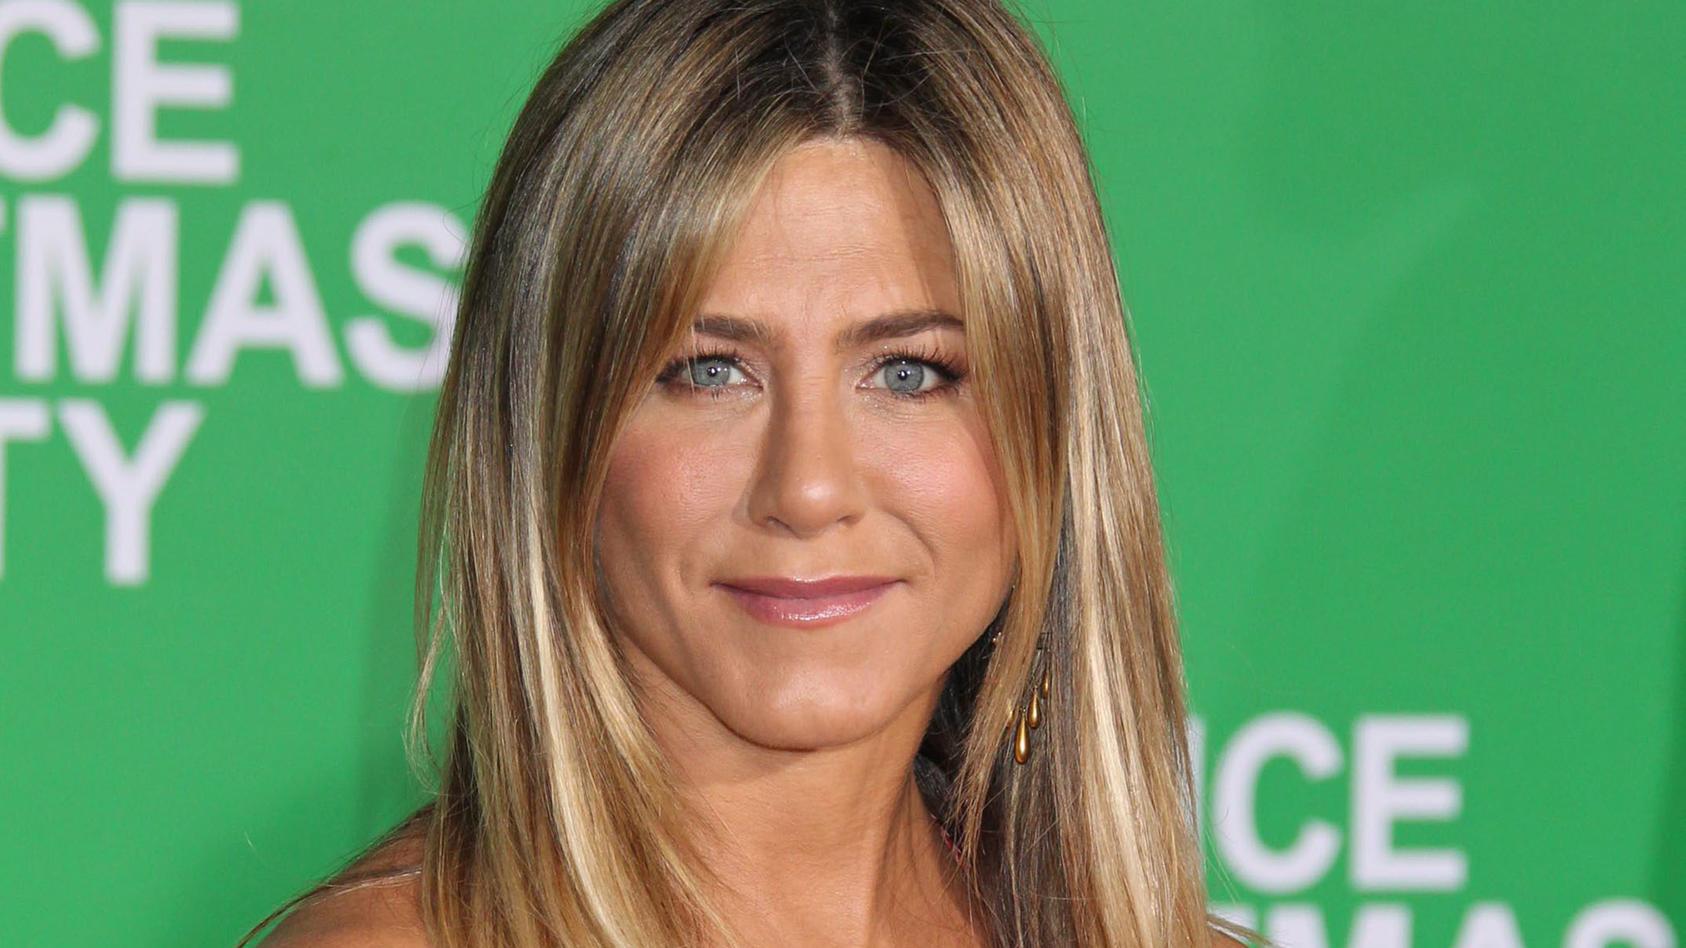 Jennifer Aniston verrät, wie sie vor ihrer Schauspielkarriere Geld verdient hat